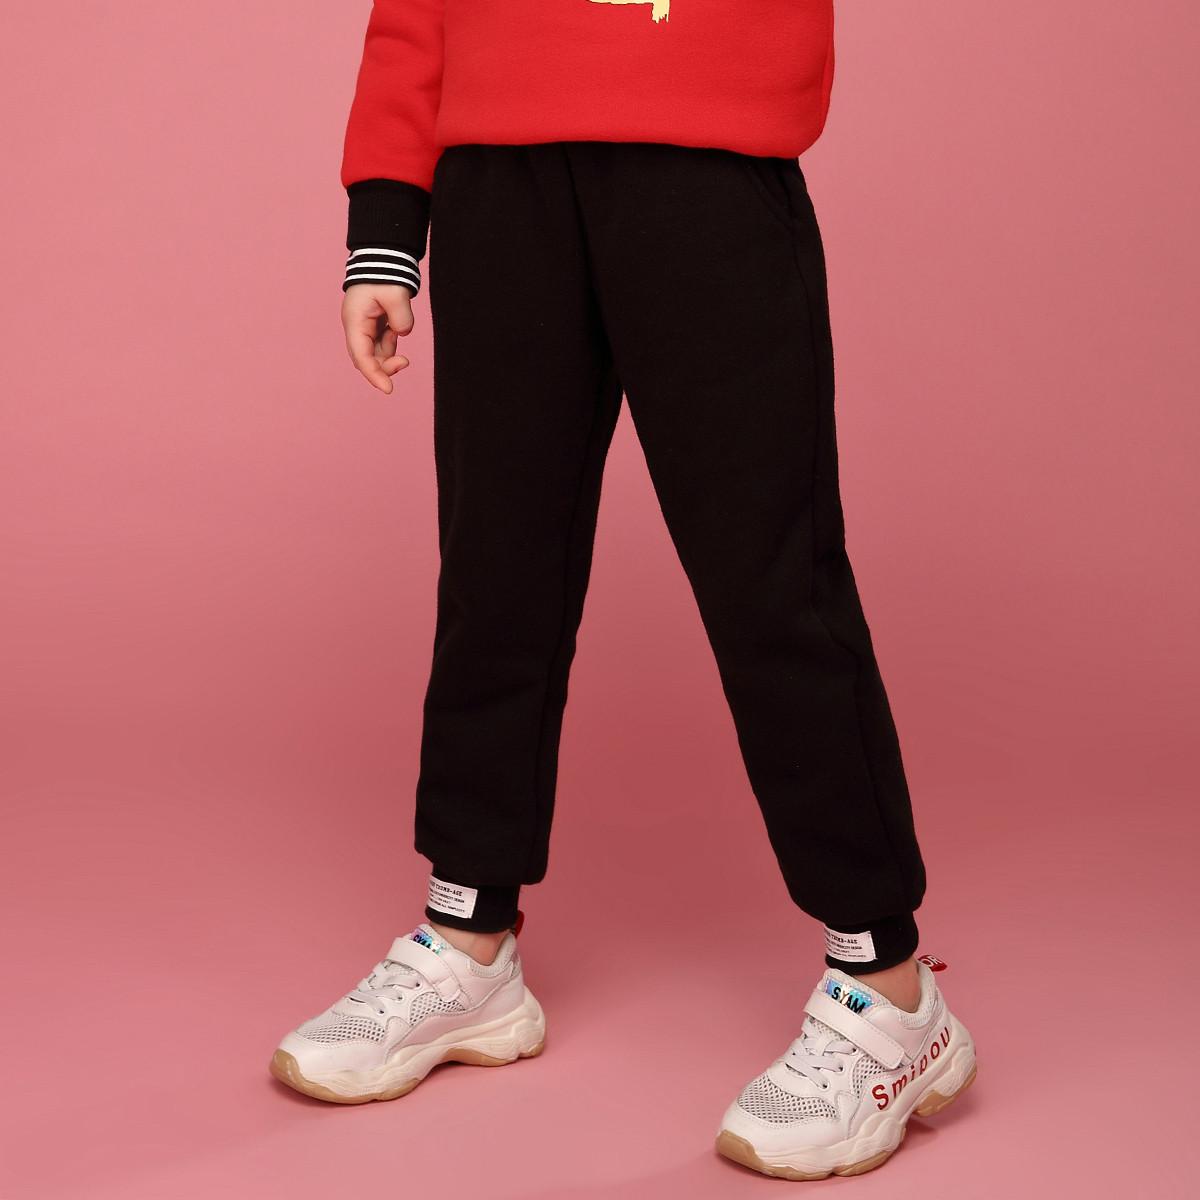 米奇丁当女童舒适休闲裤2019冬季新款中大童时尚运动裤儿童长裤119402161008